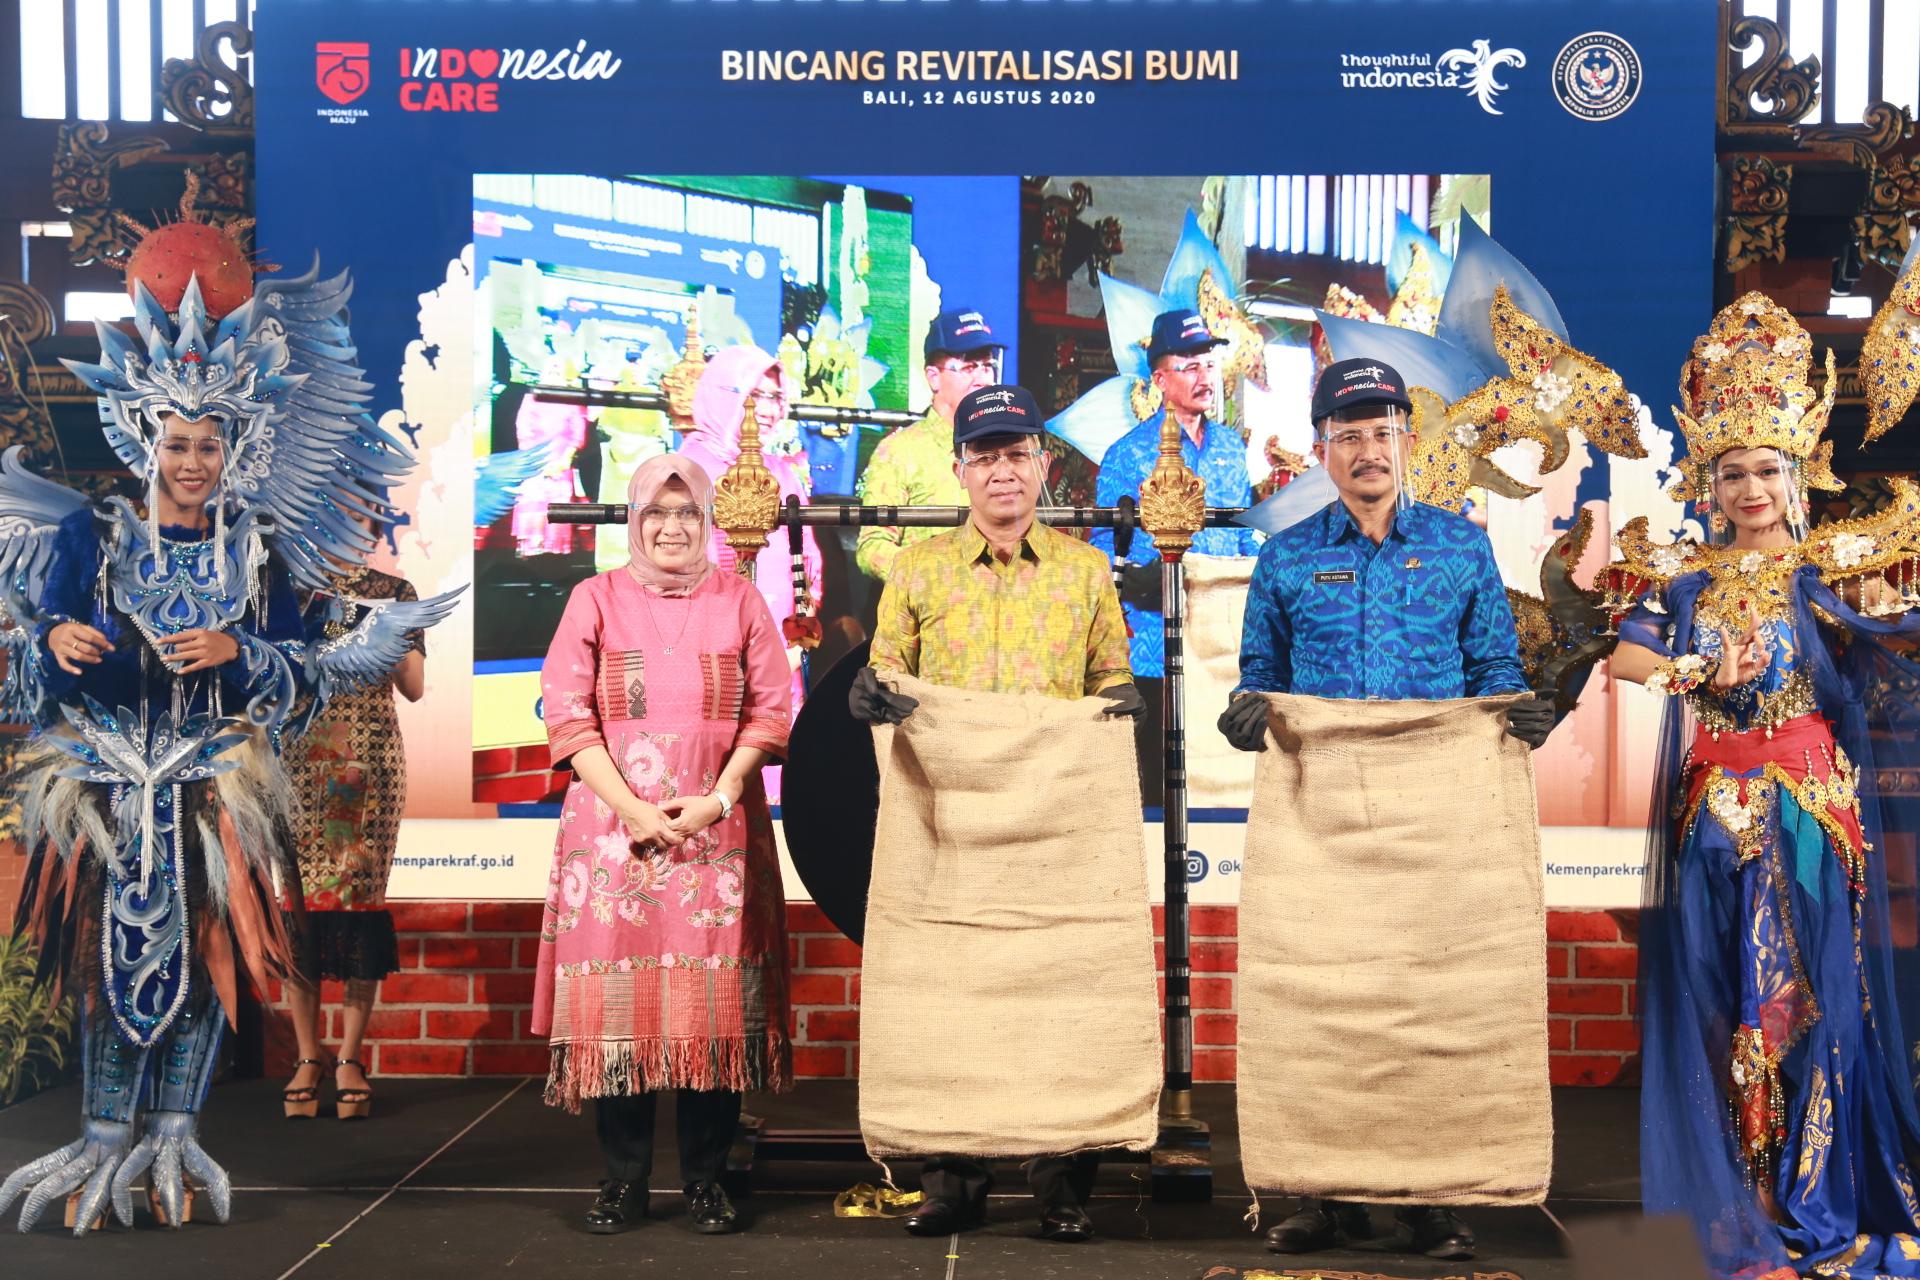 Foto: BUMI BUPATI Suwirta menghadiri Bincang-Bincang Revitalisasi Bumi di Lobby Lounge Conrad Bali Hotel Tanjung Benoa, Badung, Rabu (12/8). Foto: ist